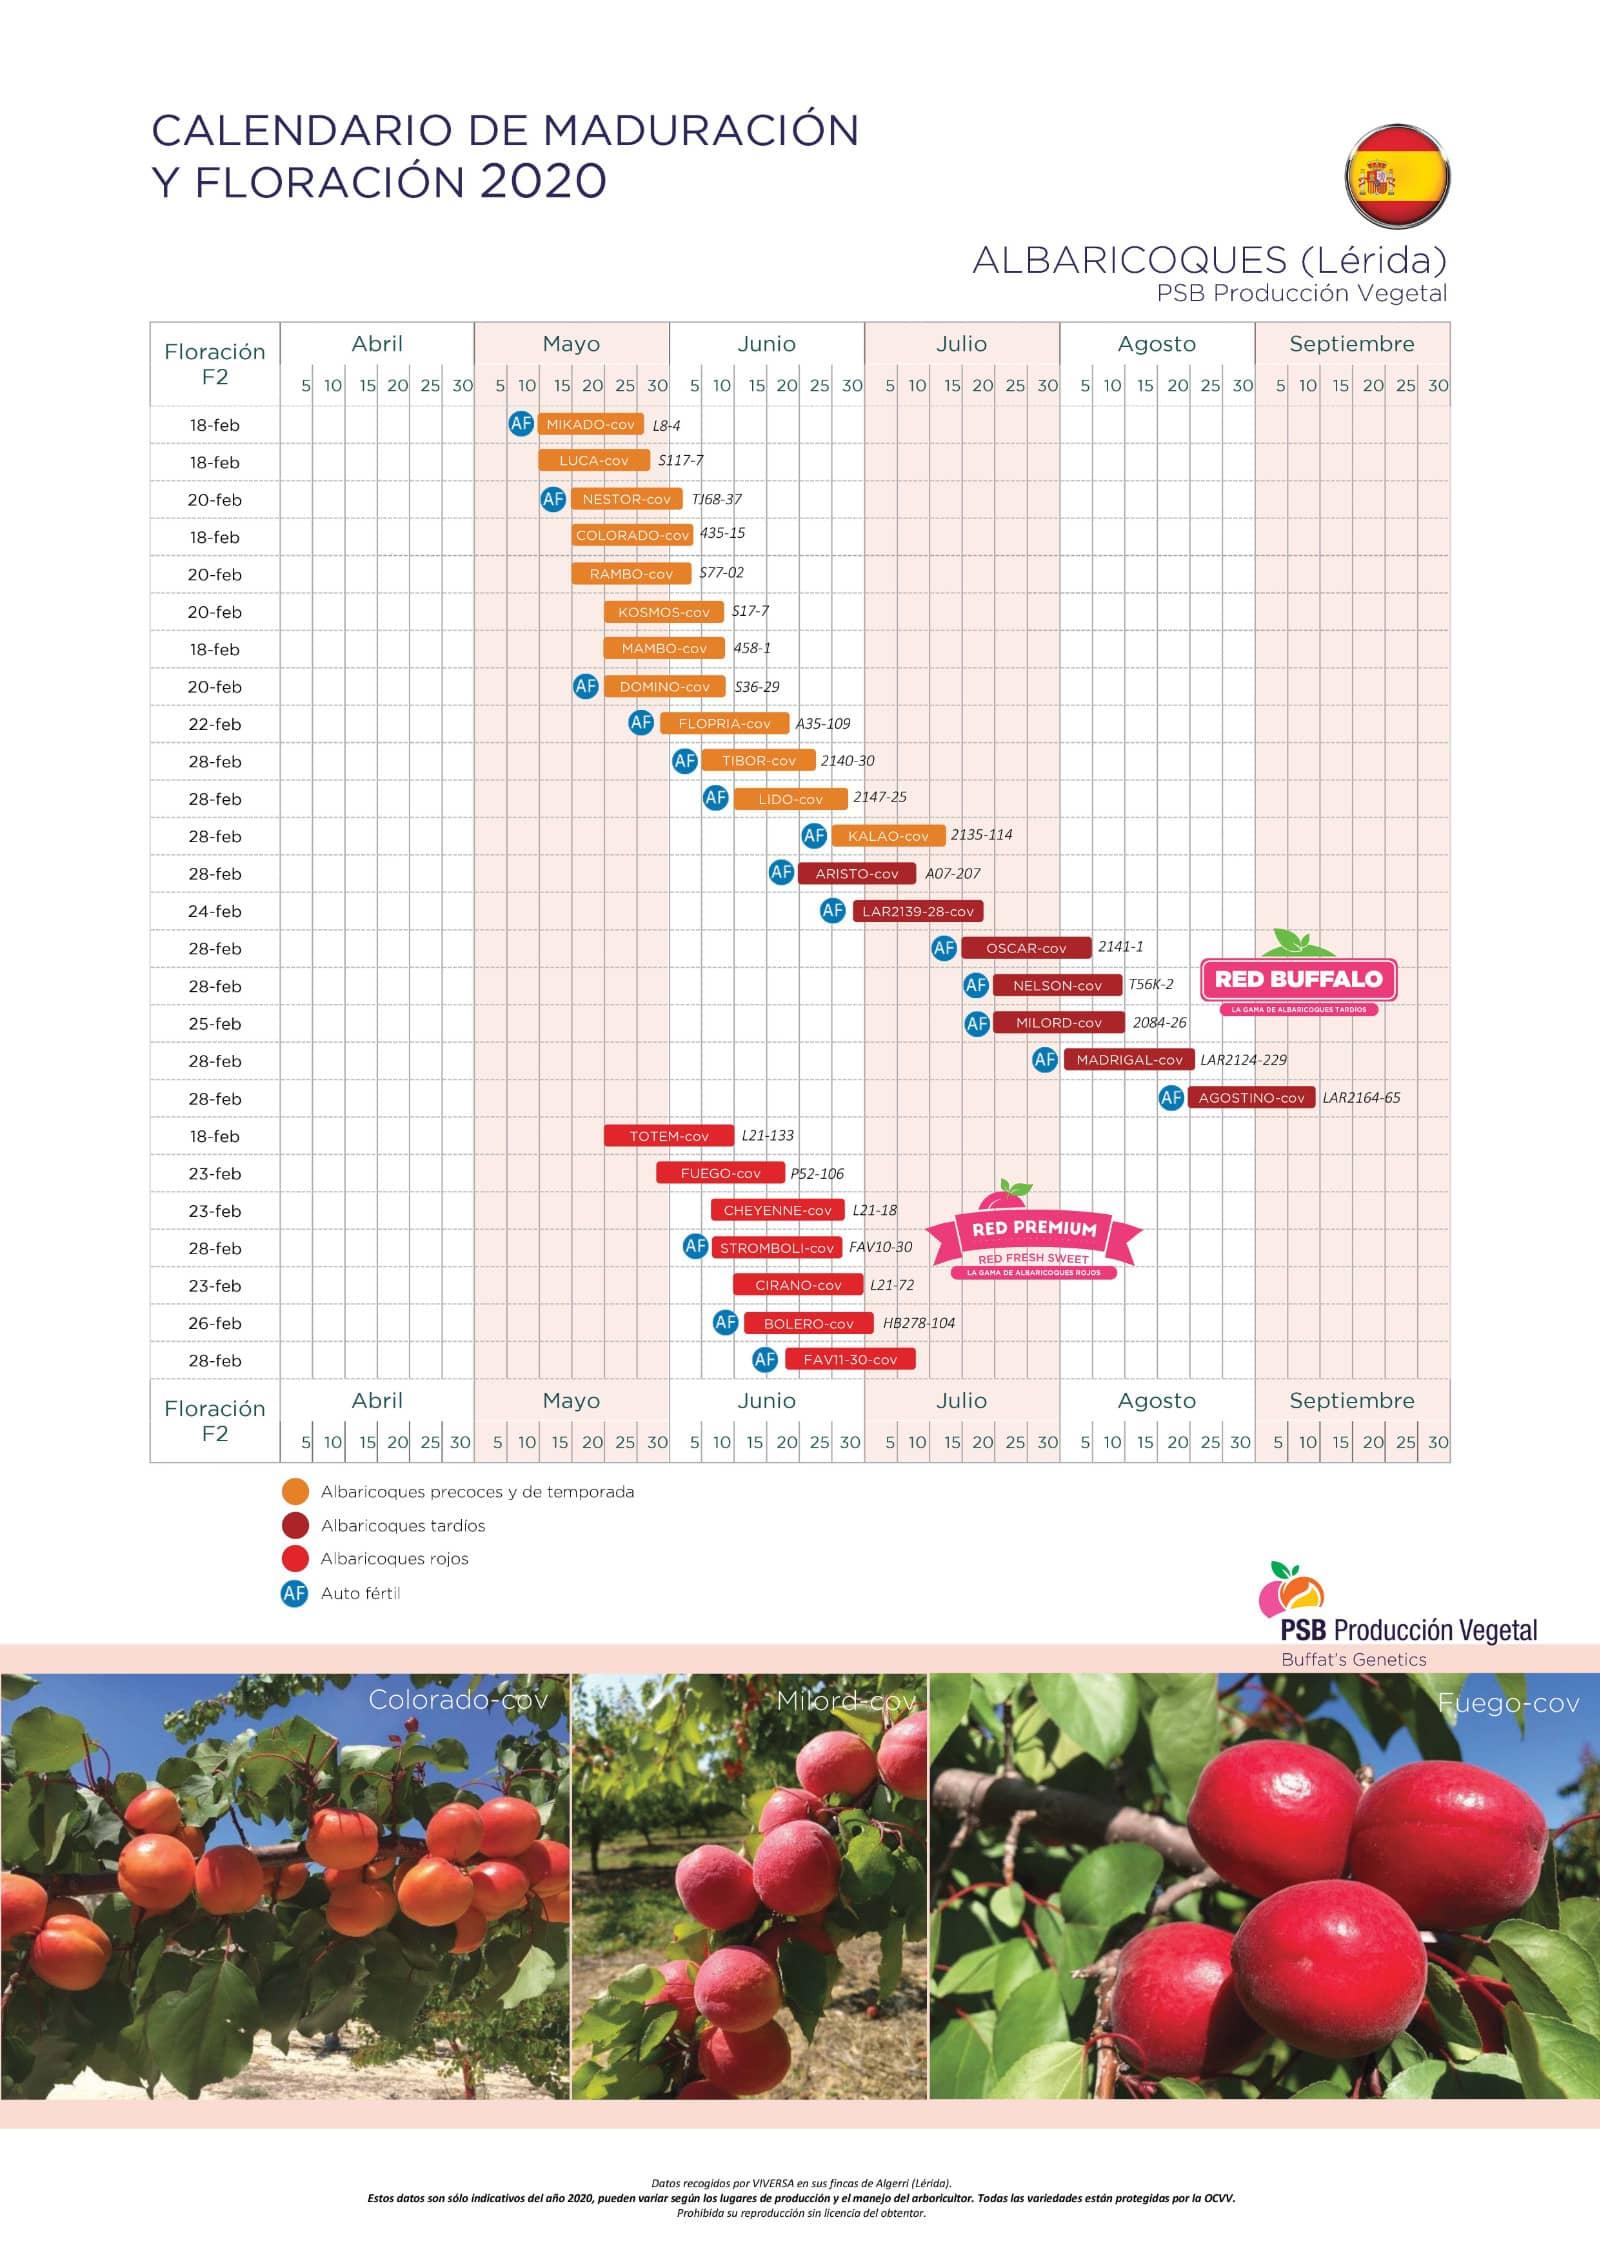 Calendario albaricoques